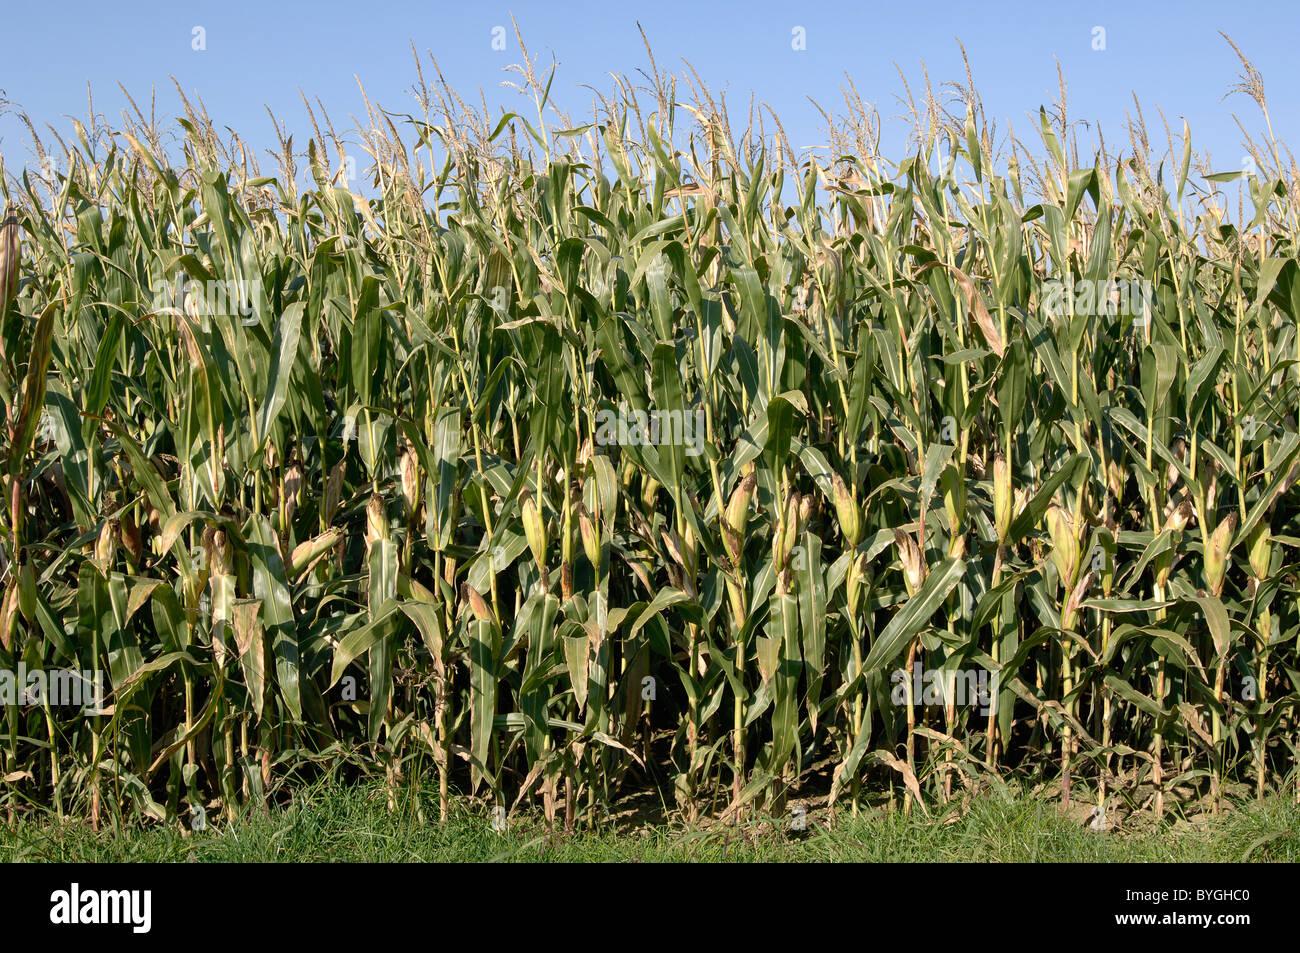 Le maïs, le maïs (Zea mays). Bord d'un champ. Photo Stock